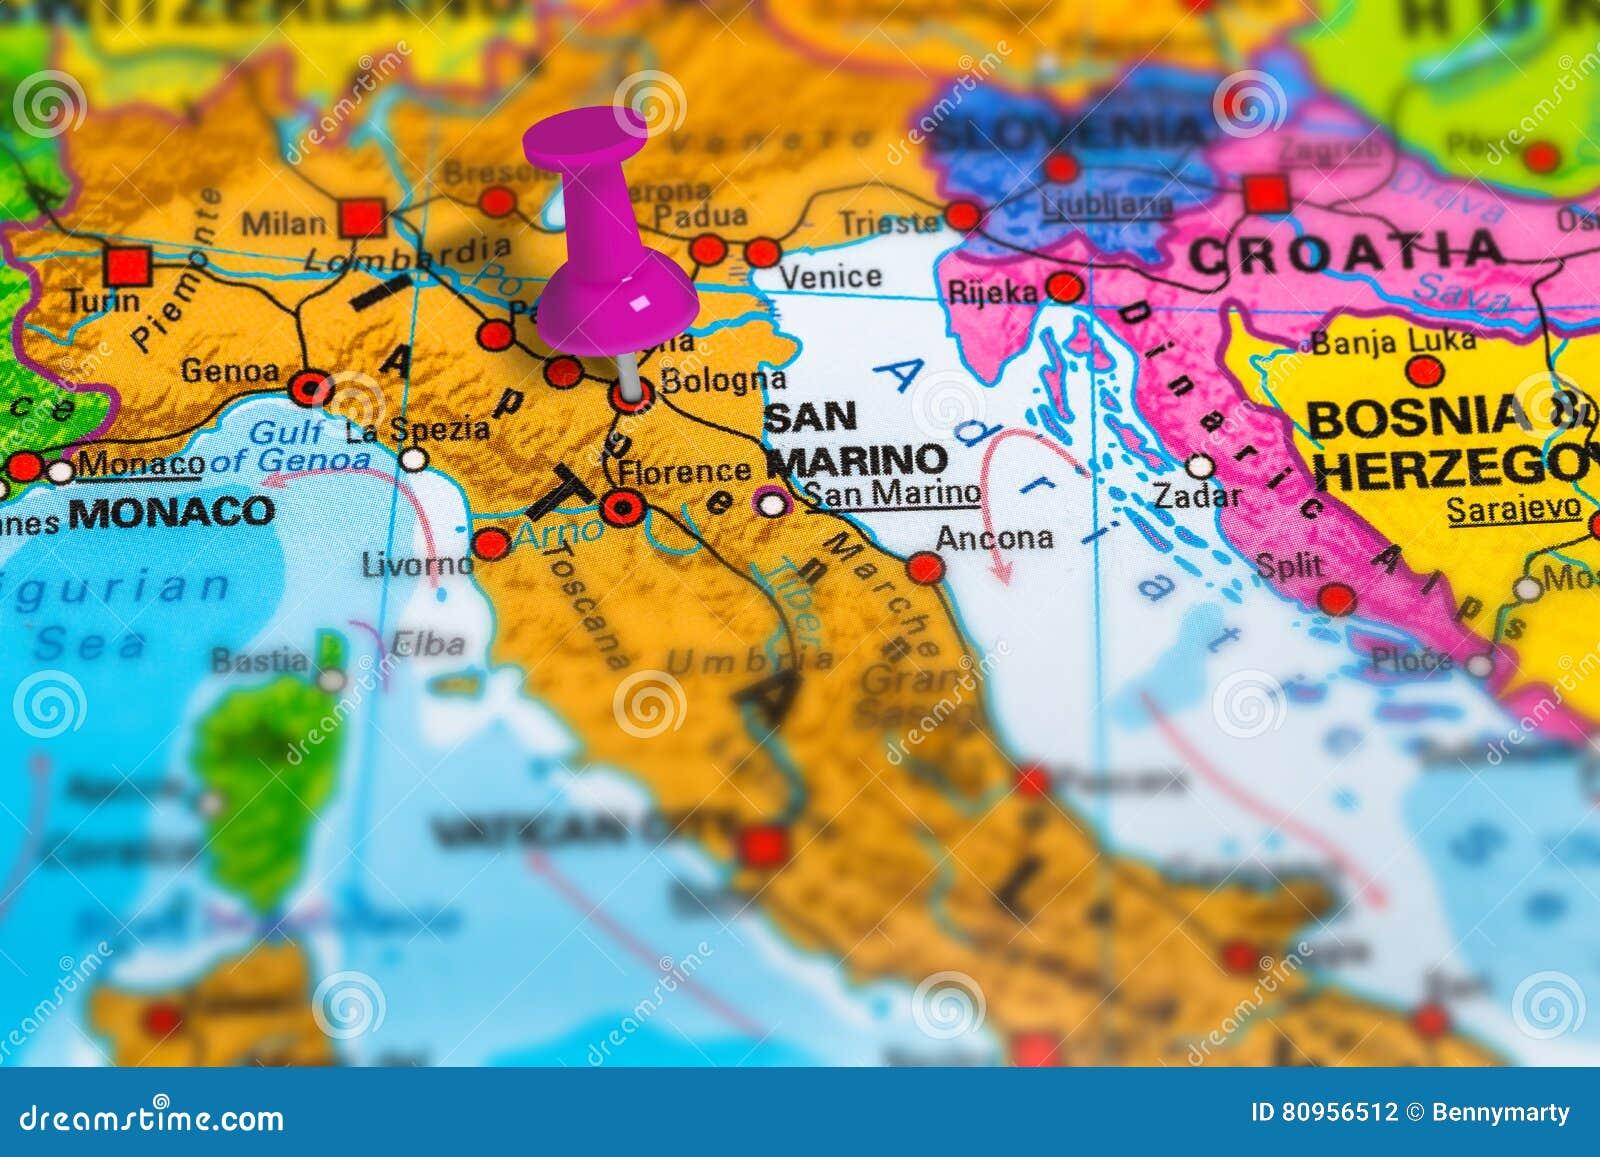 Bologna Italien Karte Stockfoto Bild Von Lenkung Markiert 80956512